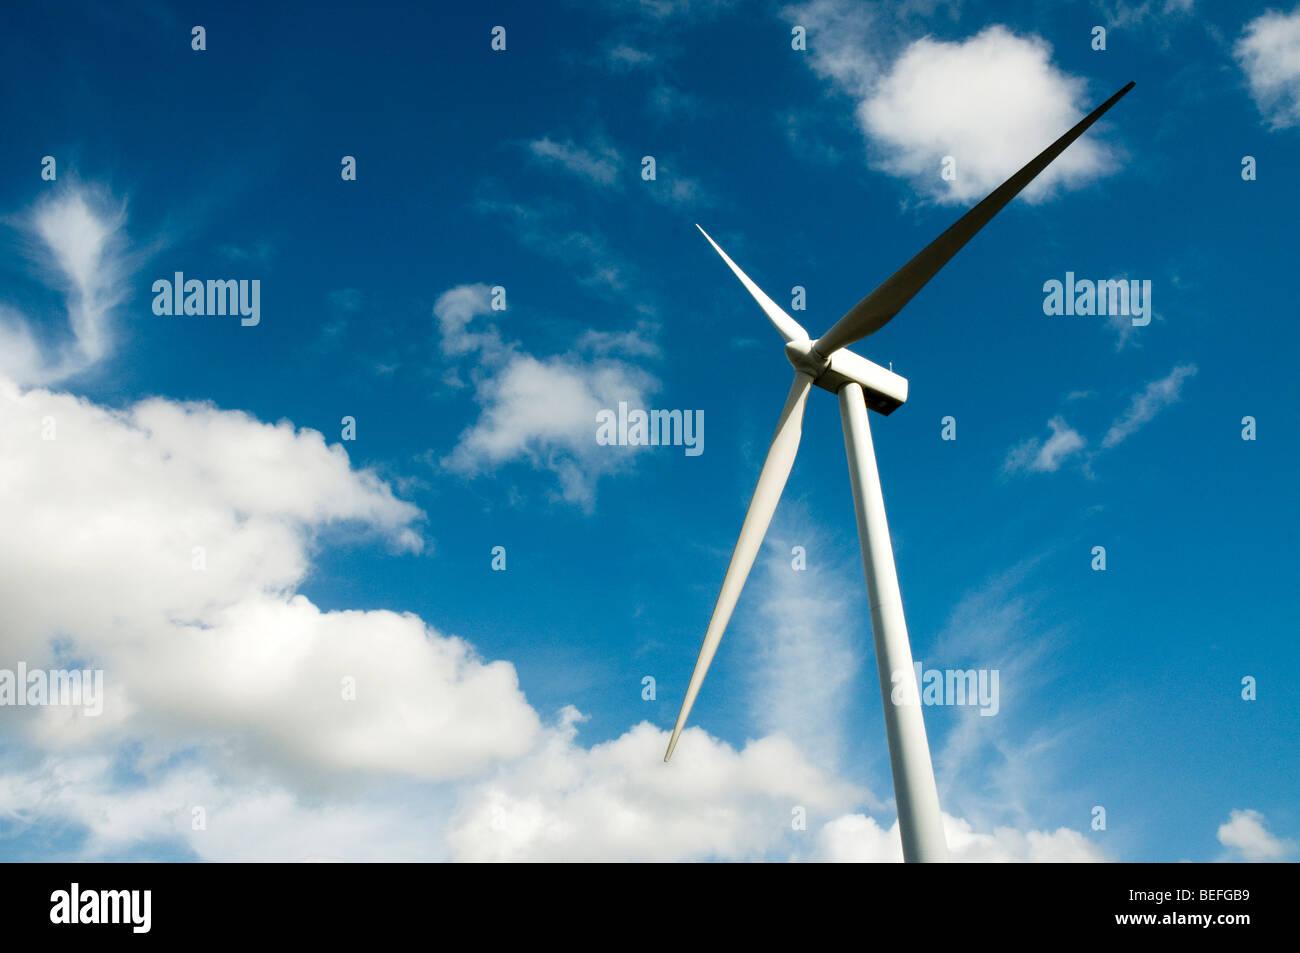 Nahaufnahme einer Windenergieanlage Stockbild